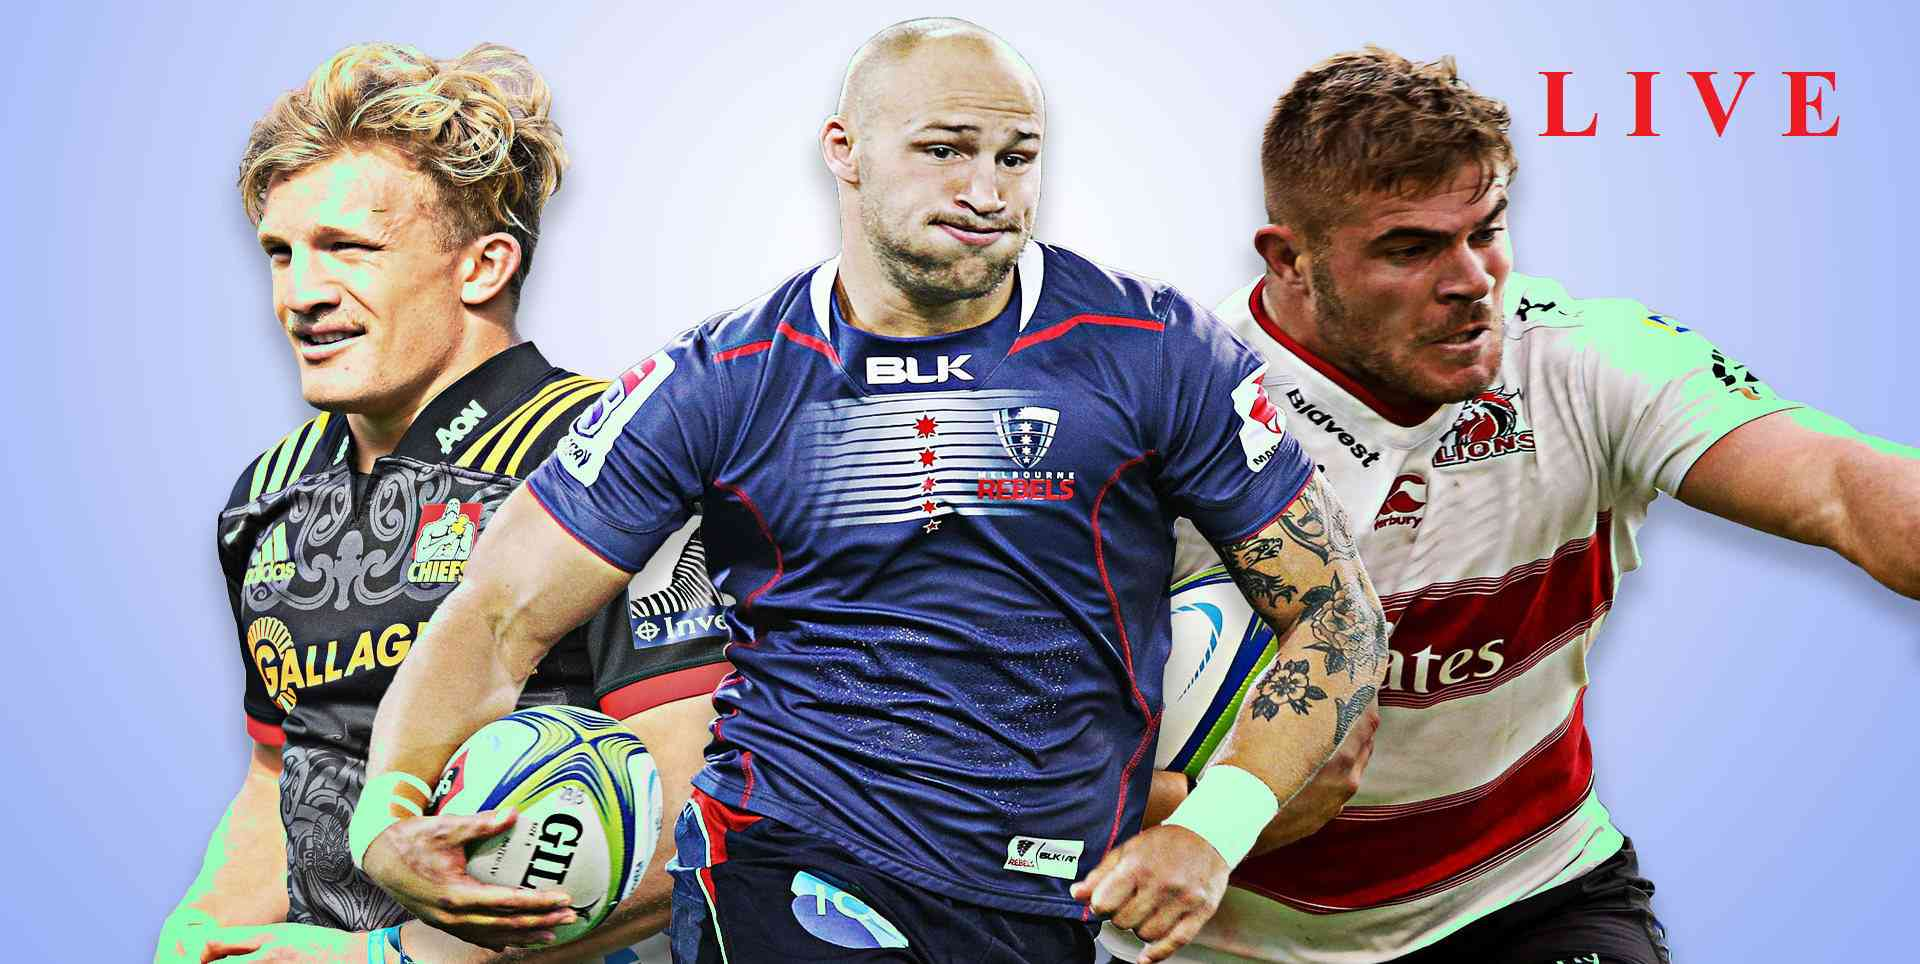 gloucester-vs-saracens-rugby-live